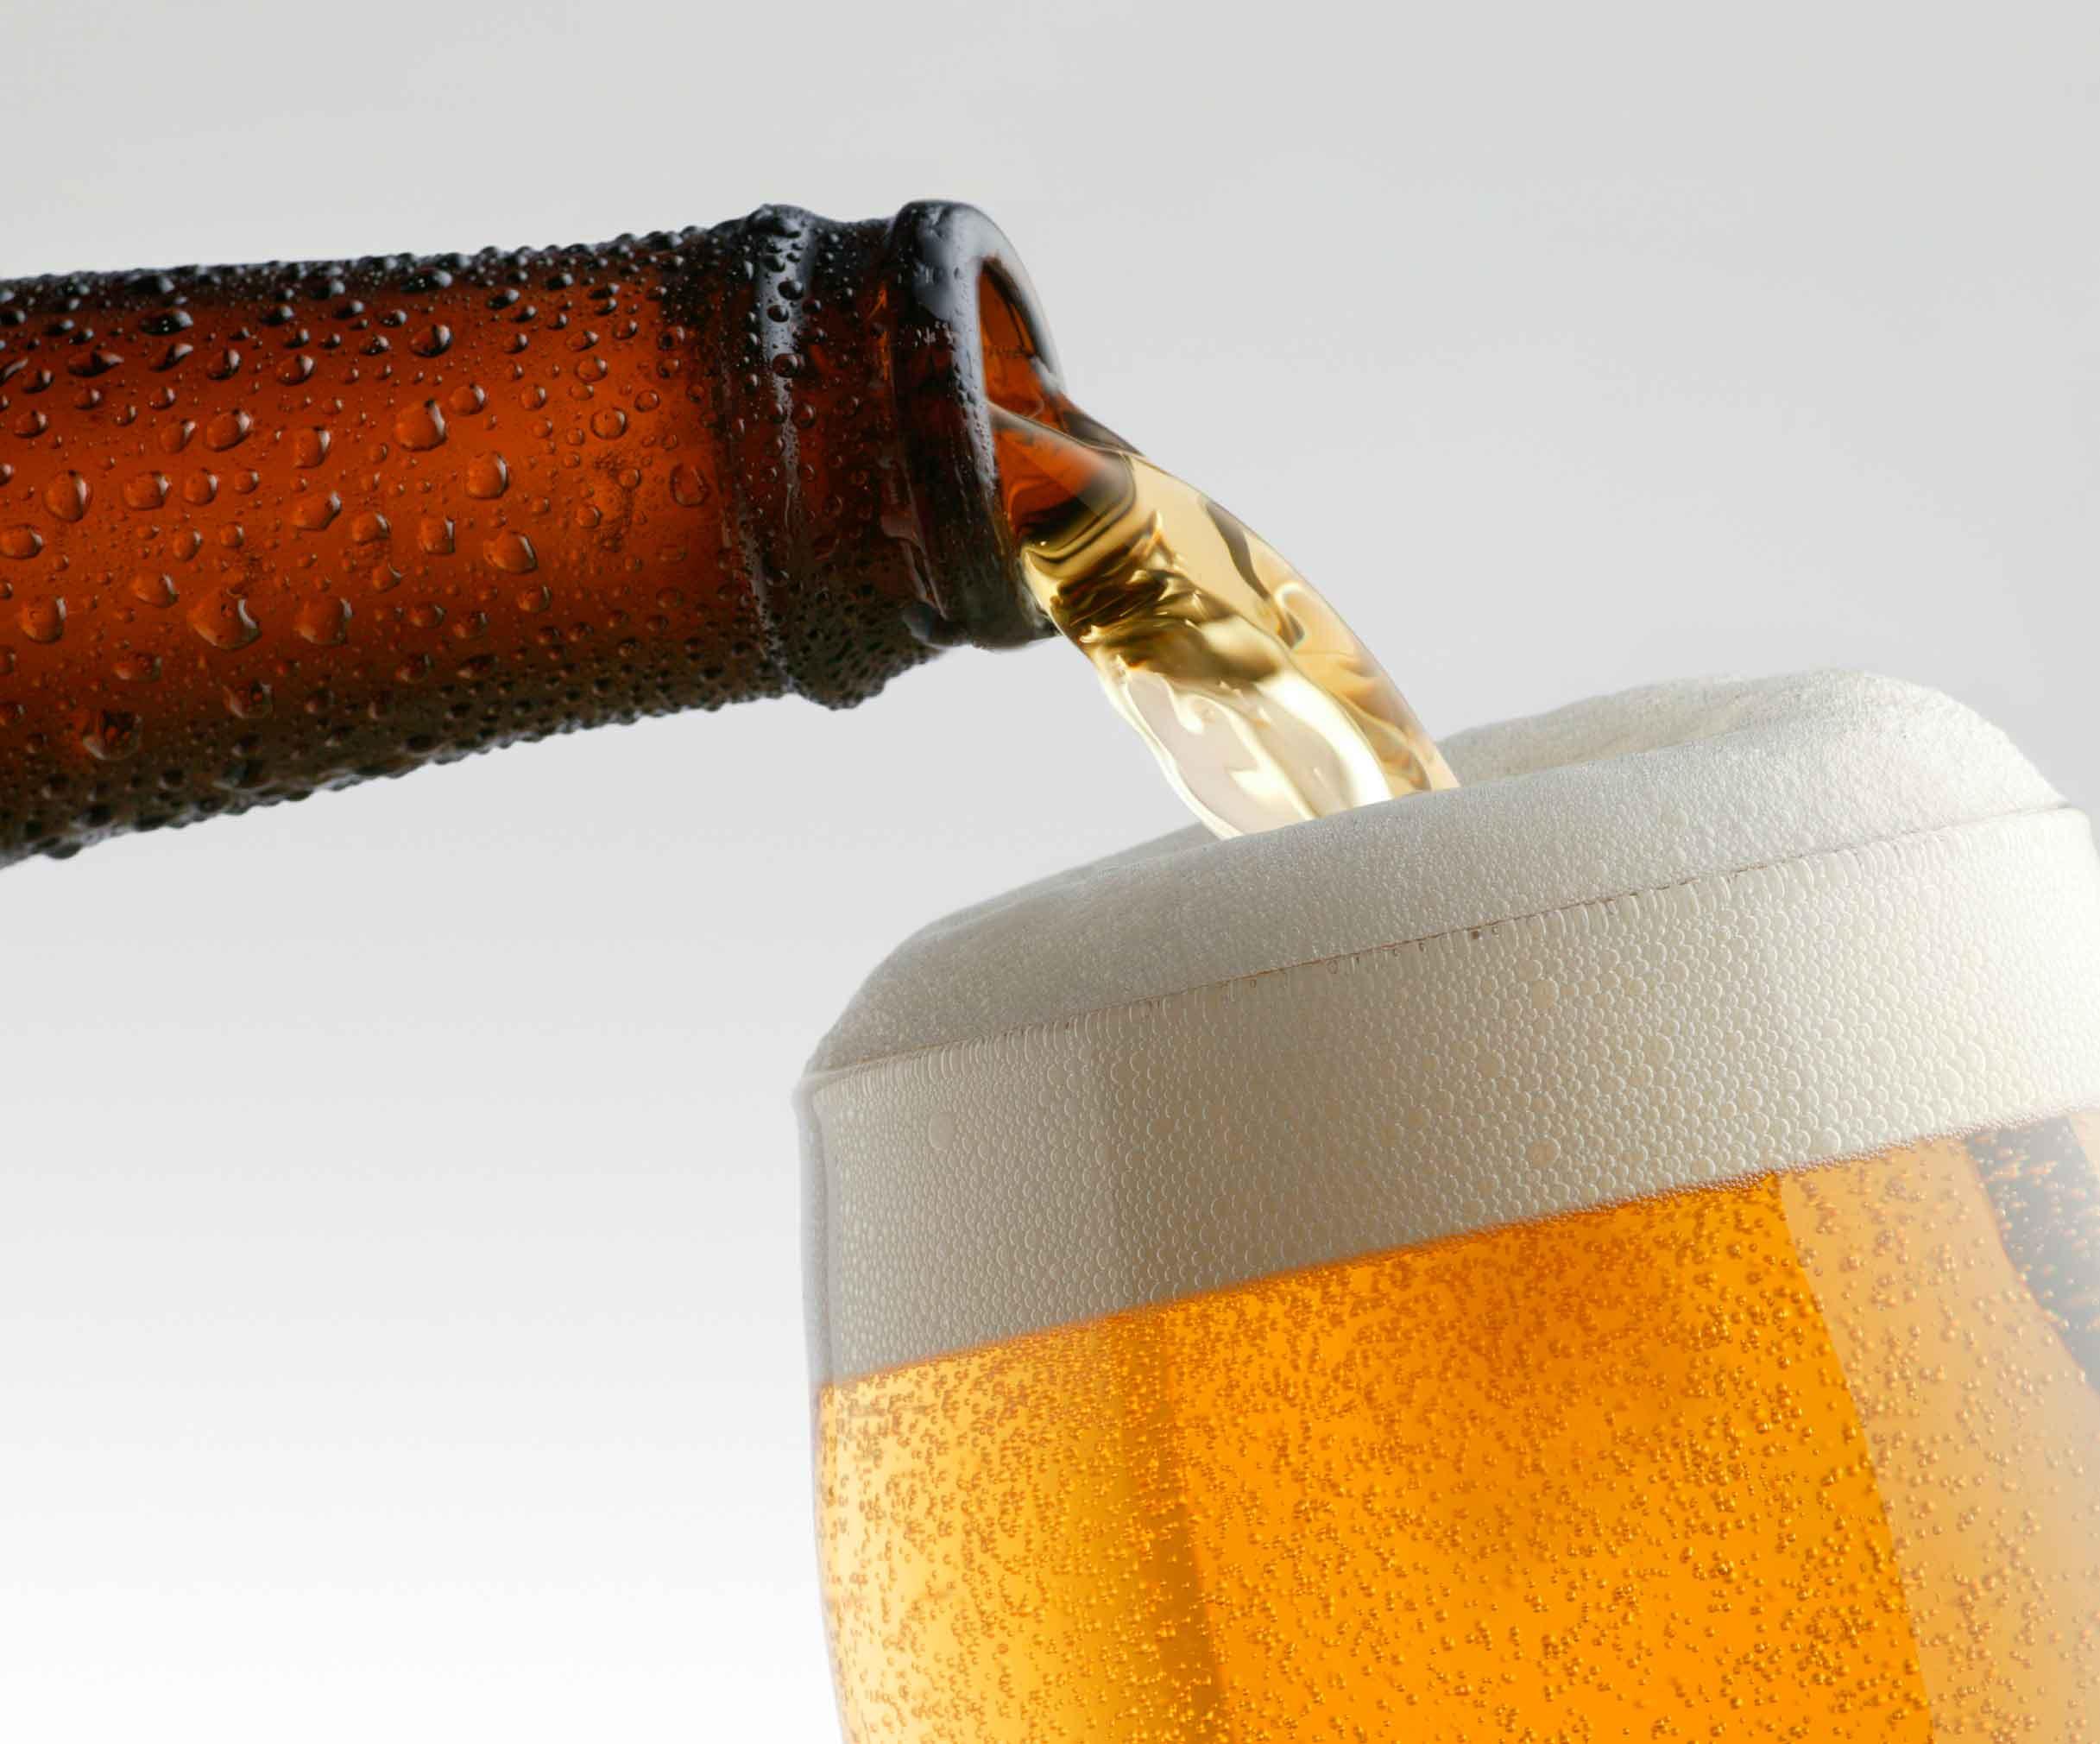 9 mitos sobre la cerveza que hay que erradicar definitivamente